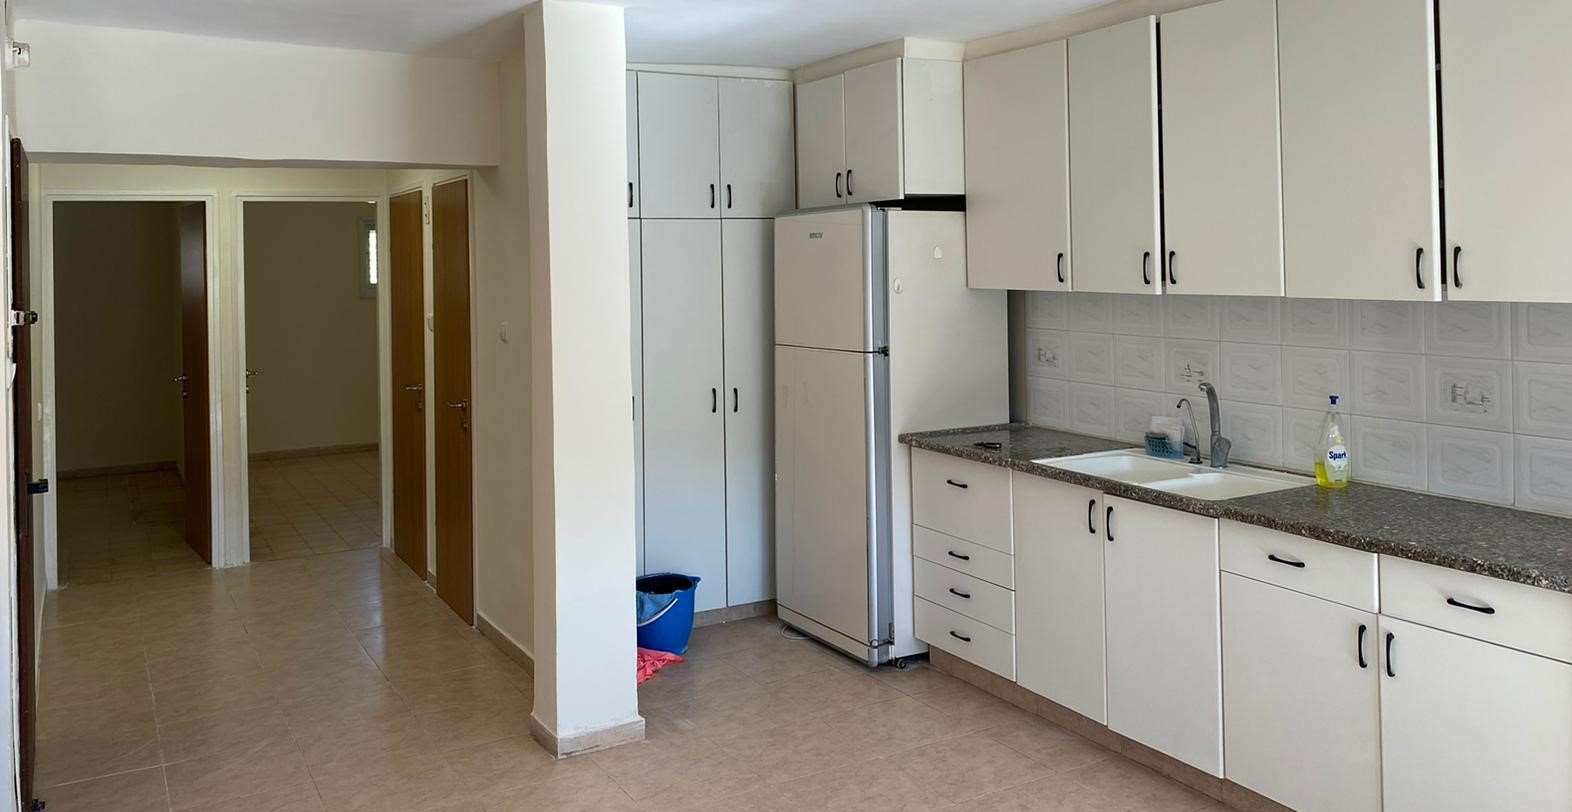 דירה להשכרה 3 חדרים בירושלים אלמליח